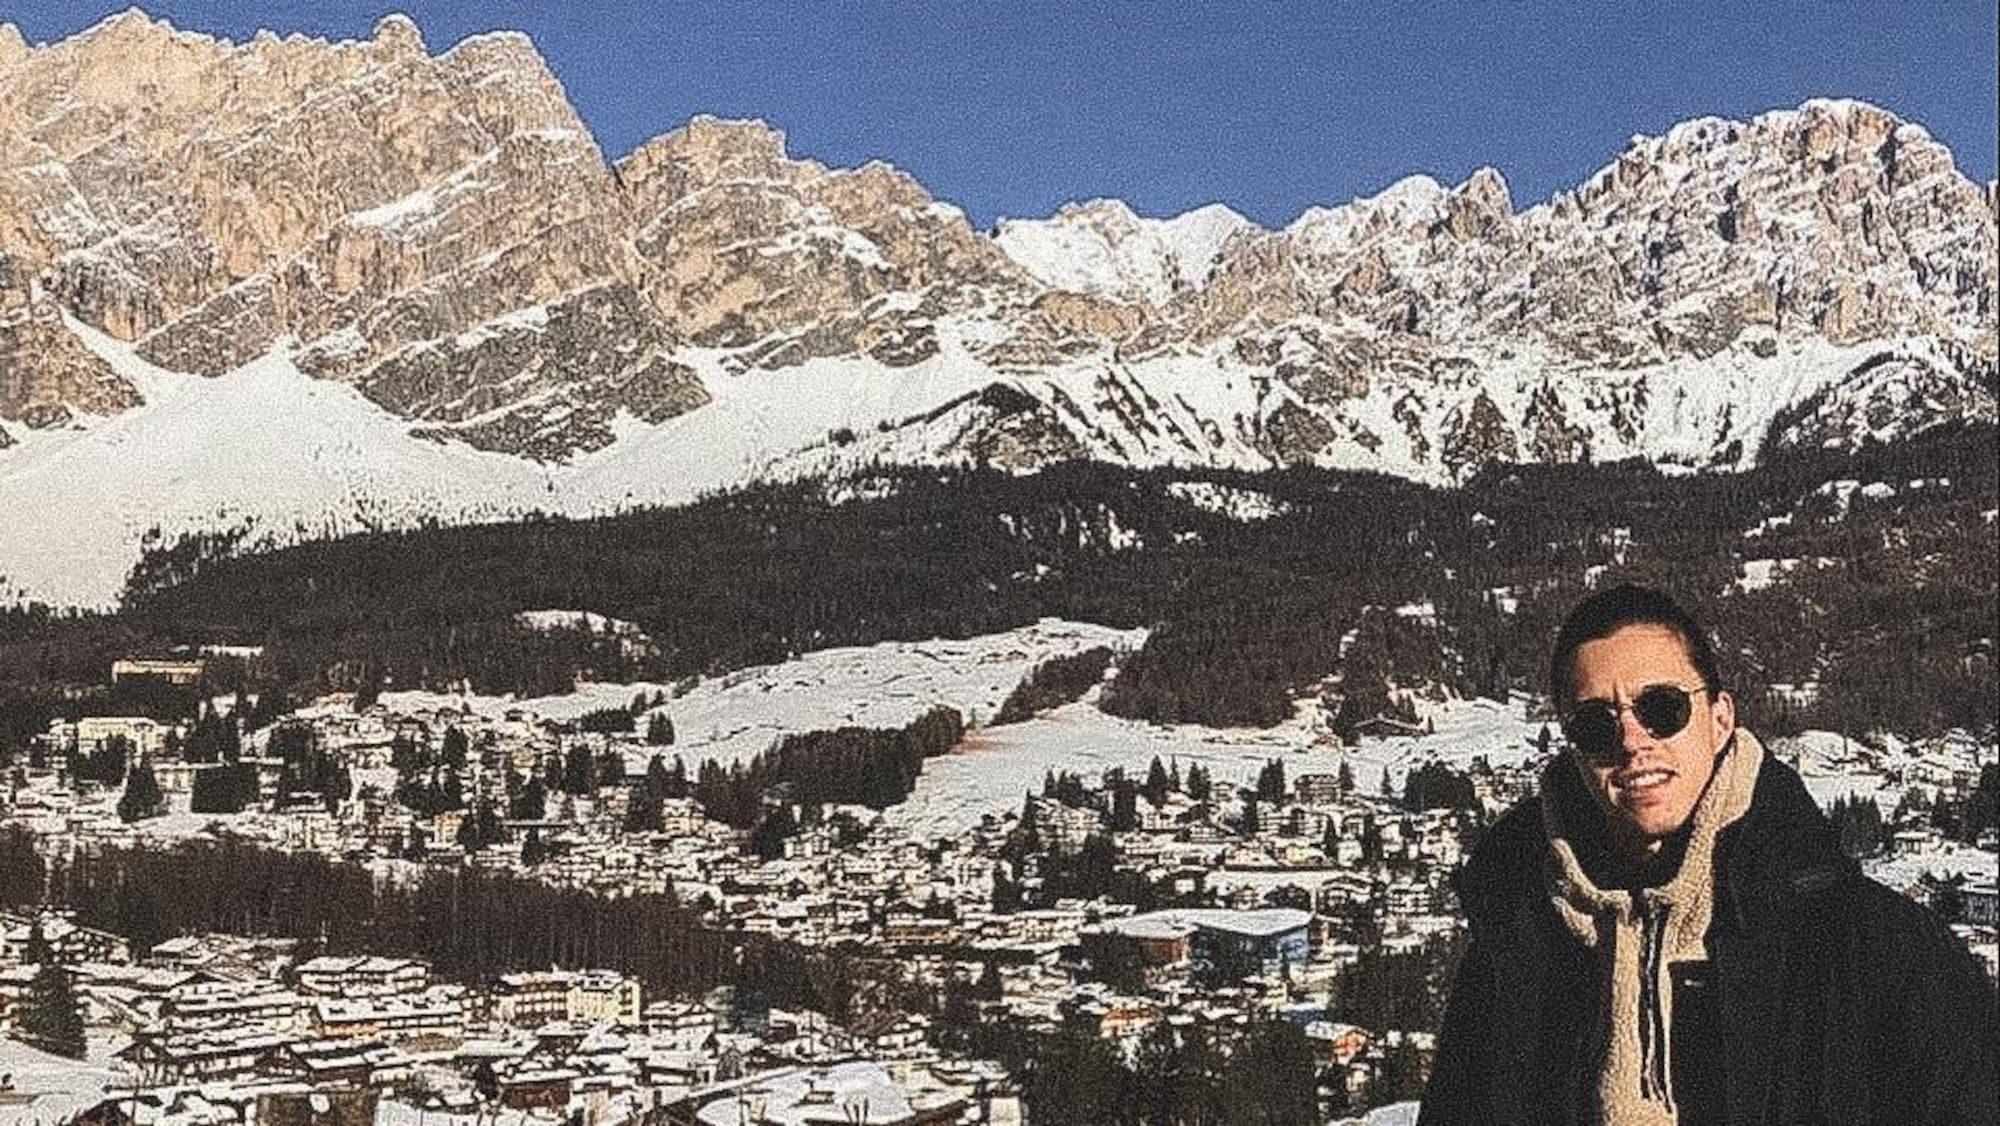 Mathieu Ayotte pose devant les alpes italiennes enneigées.